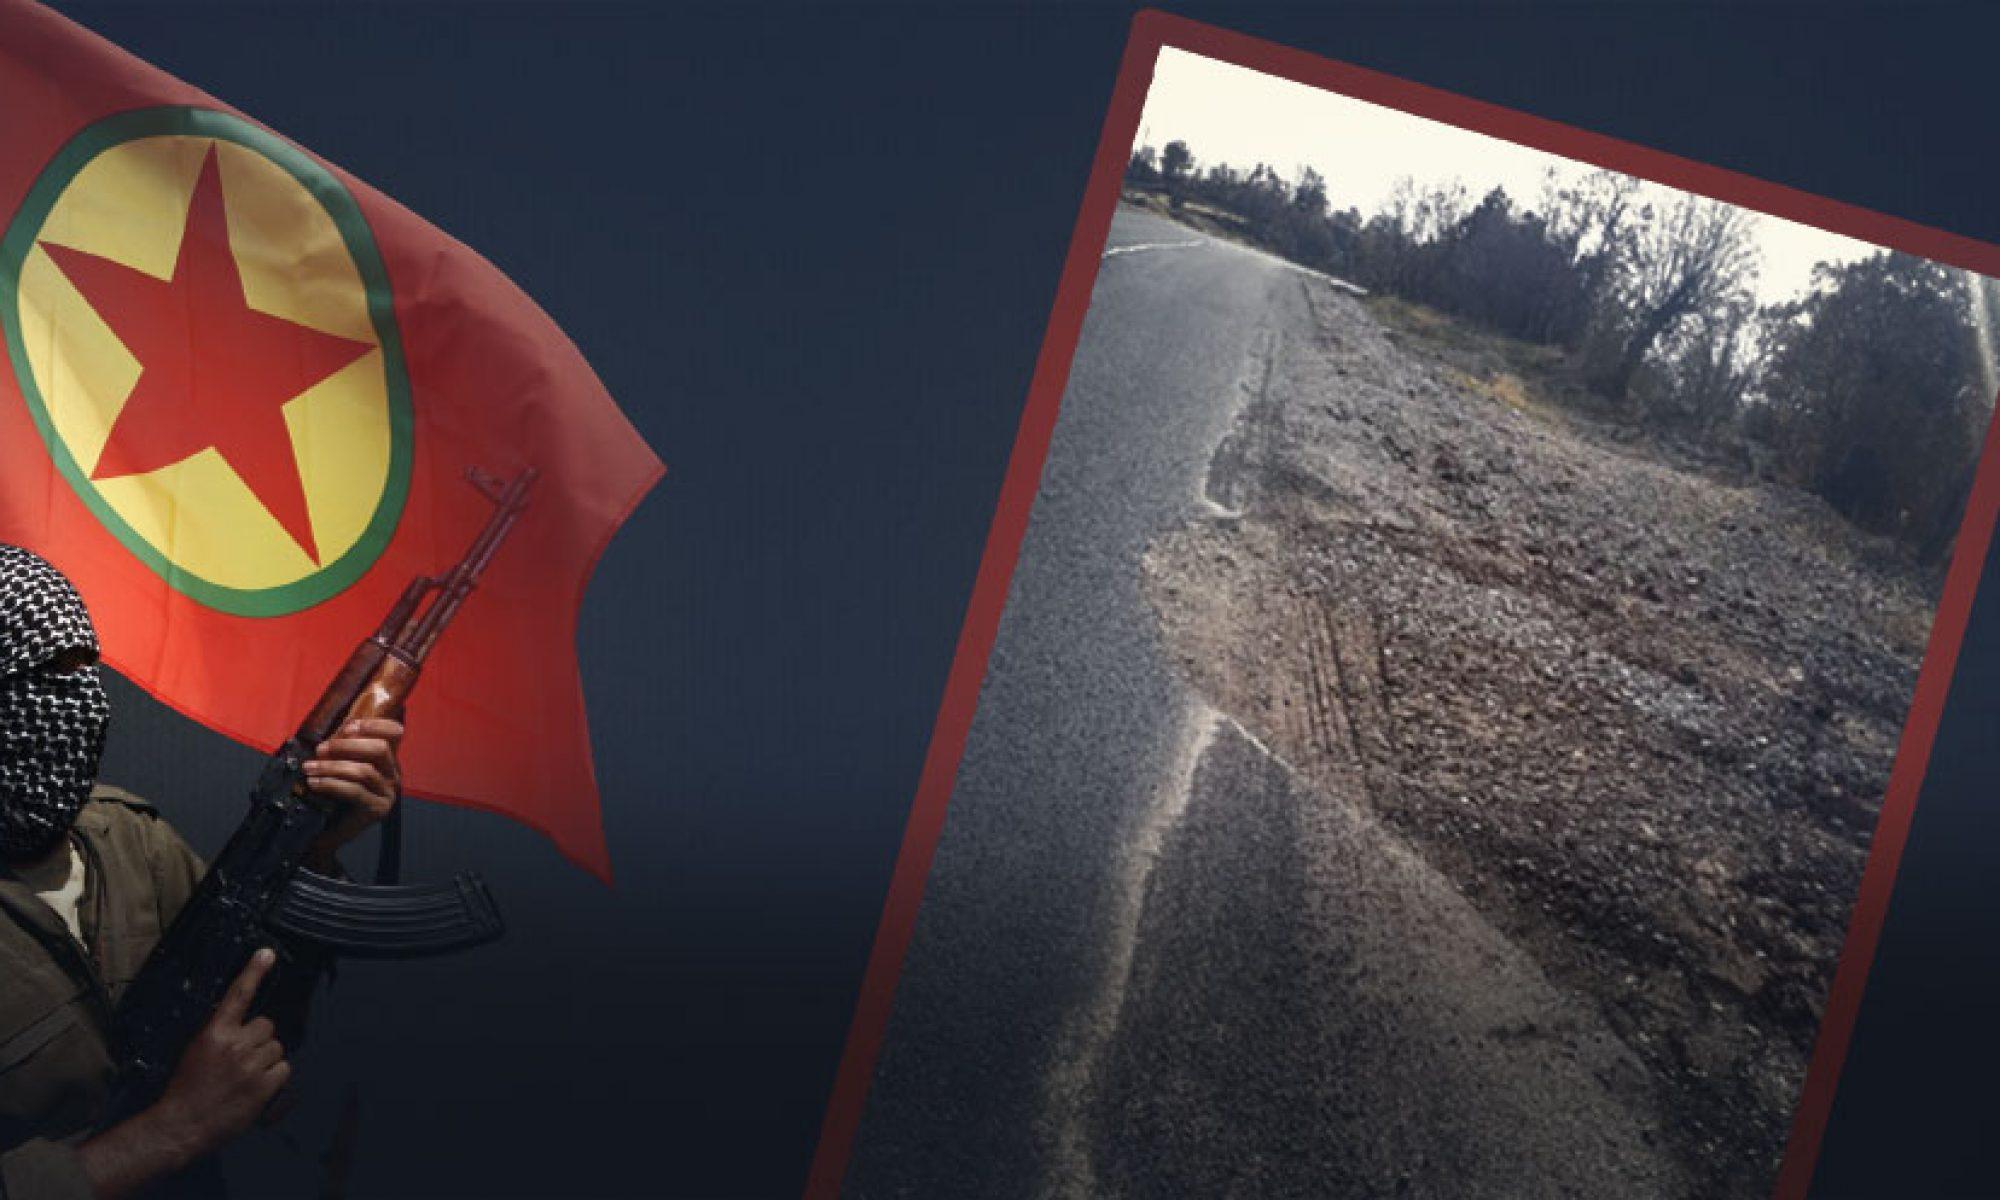 PKK Kasım ayı boyunca Güney Kürdistan'ın üç ayrı yerinde patlama yaptı, Çemanke, Sidekan, Amediye, Muhyeddin, Herki, Peşmerge, Serzere Asayiş Müdür Gazi Salih Alixan,